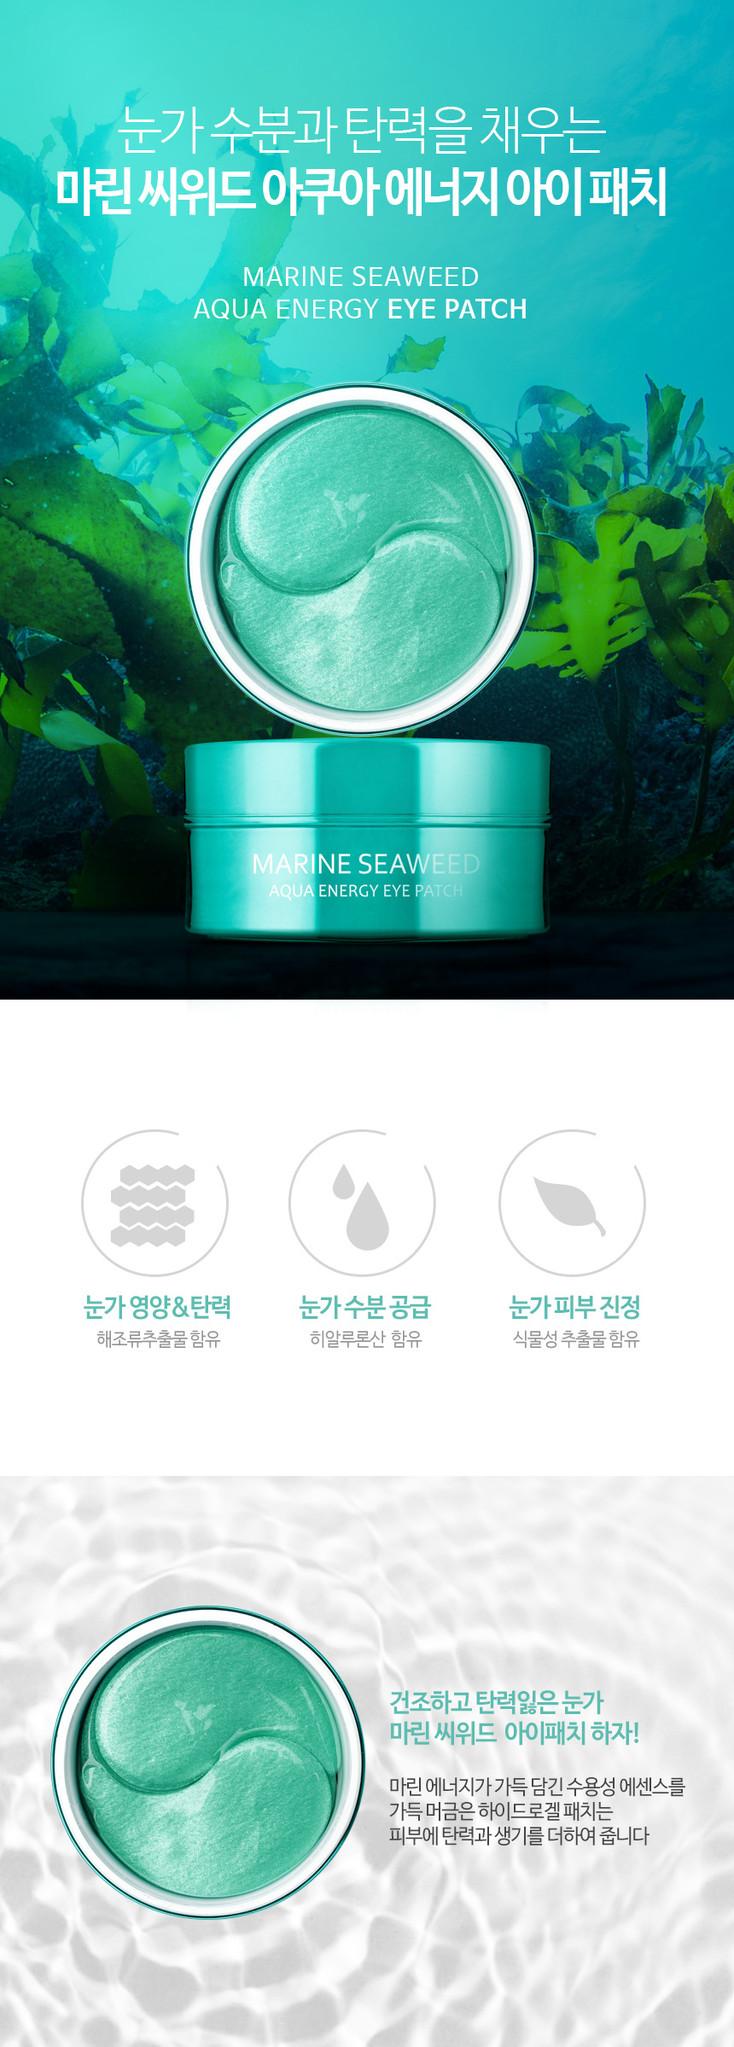 ARONYX Marine Seaweed Aqua Energy Eye Patch-2